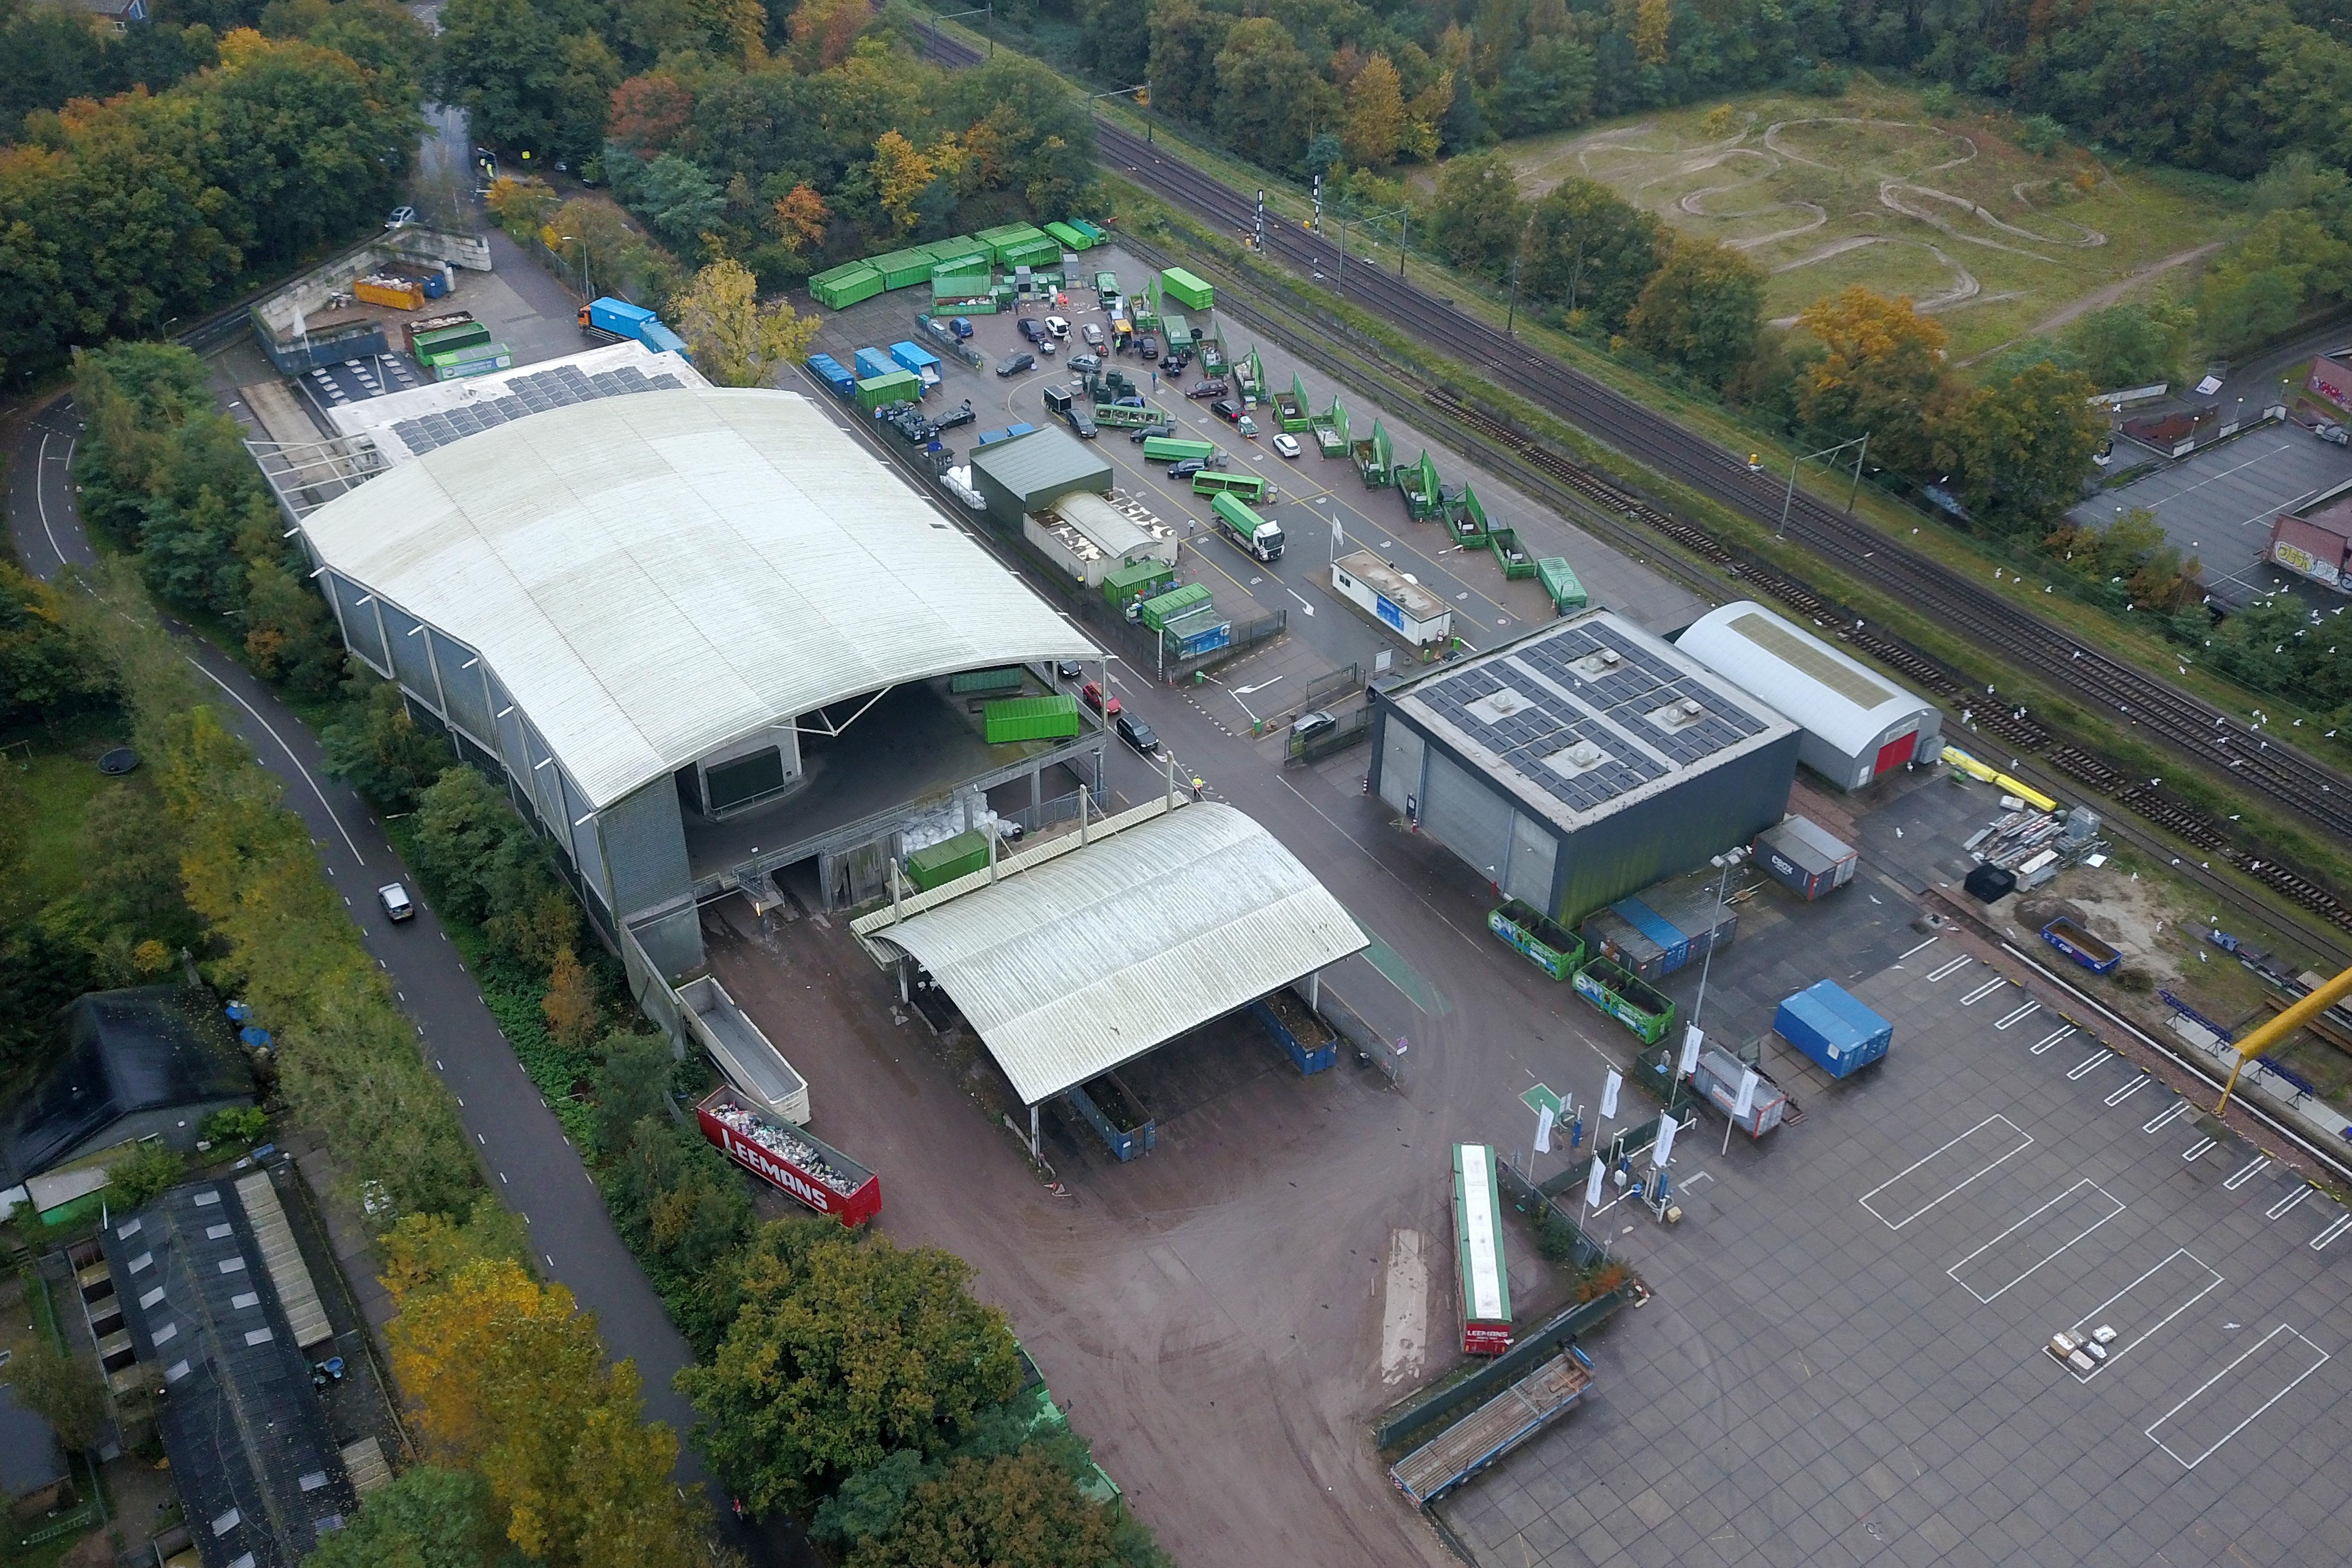 Onderzoek naar ingrijpende modernisering van regionaal afvalcomplex Crailo in Hilversum-Noord